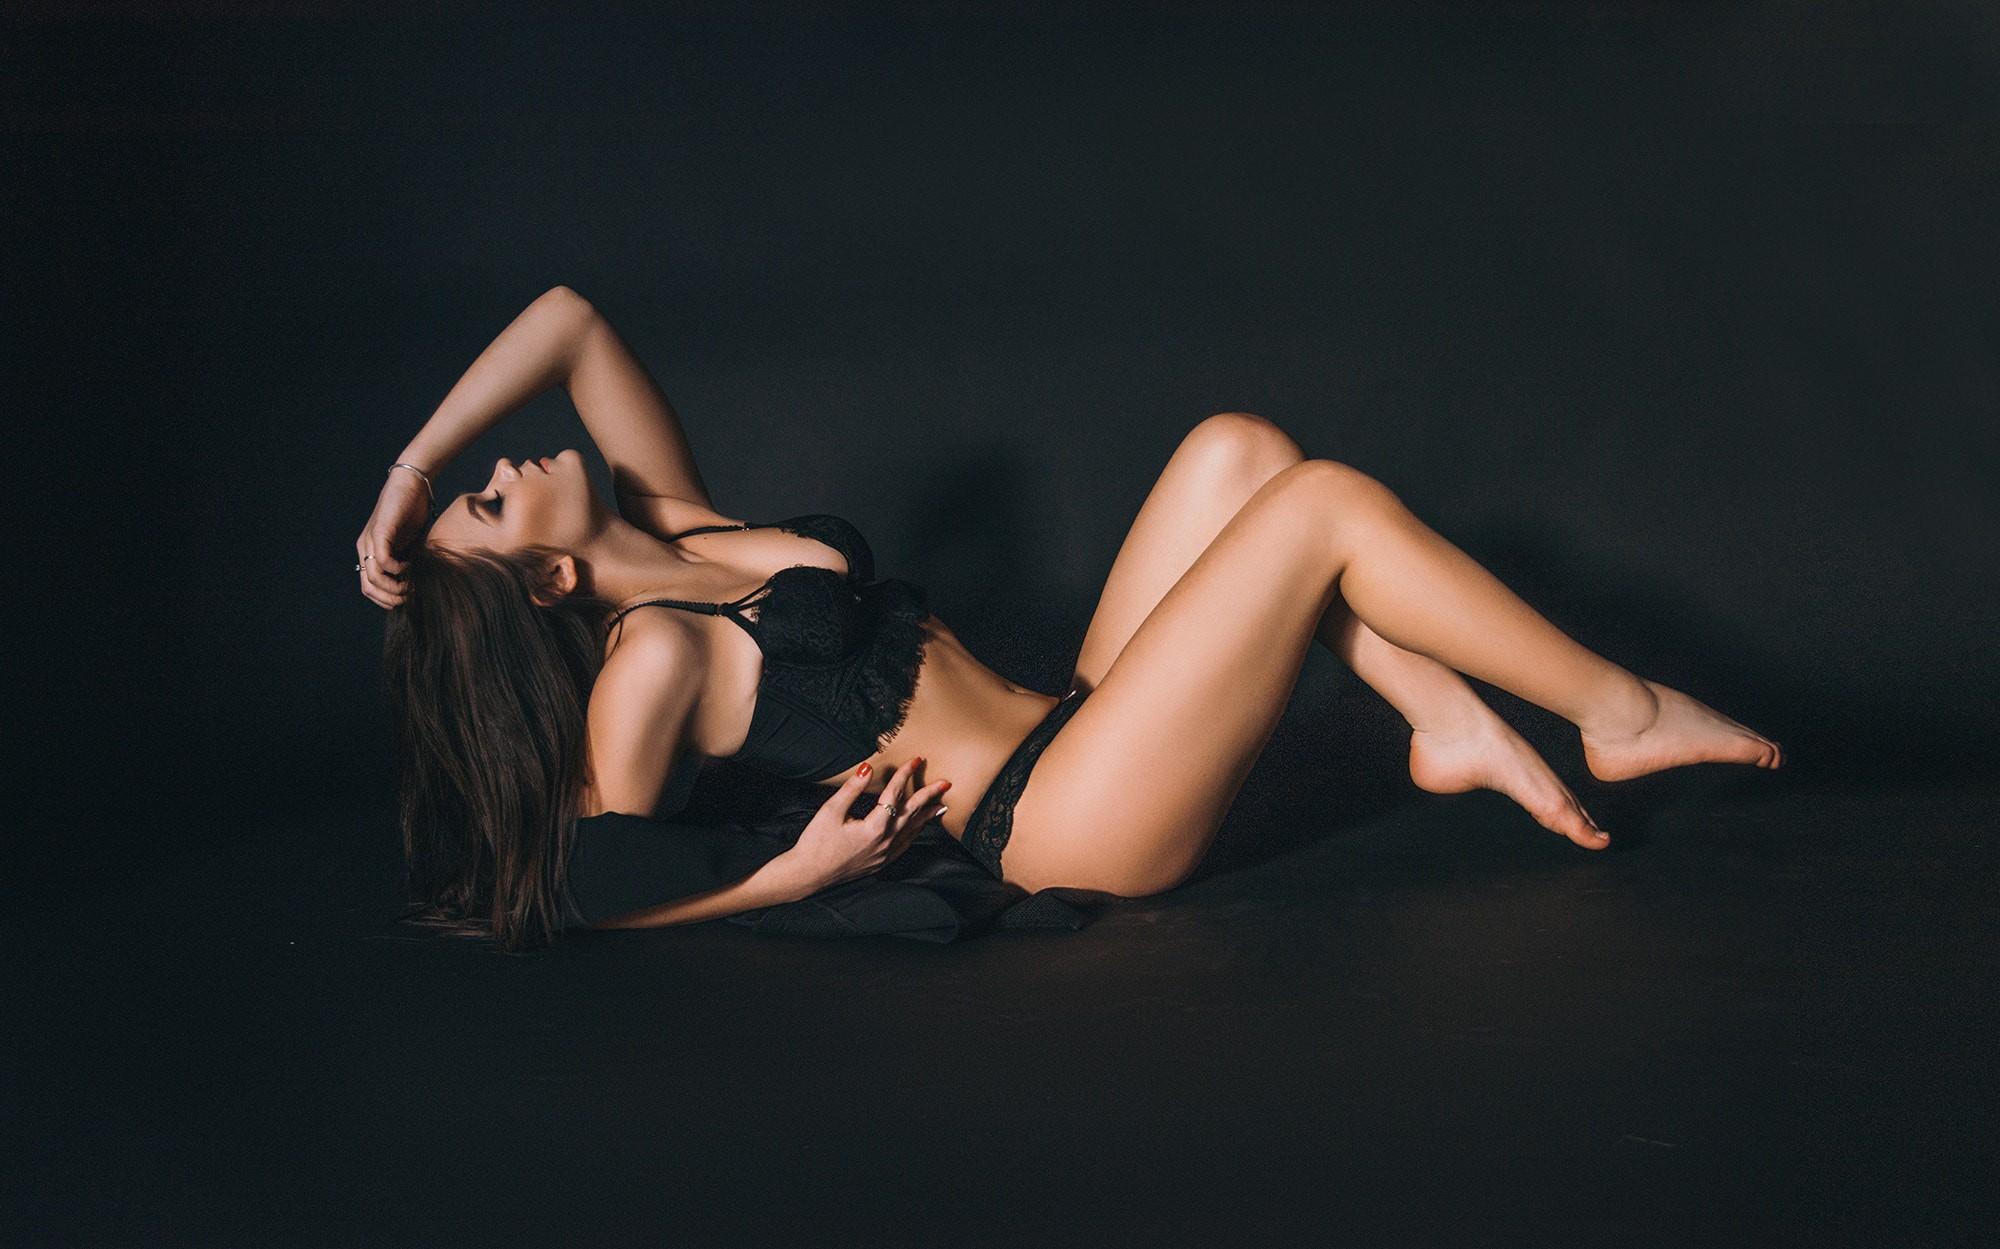 Порно Позы Модели